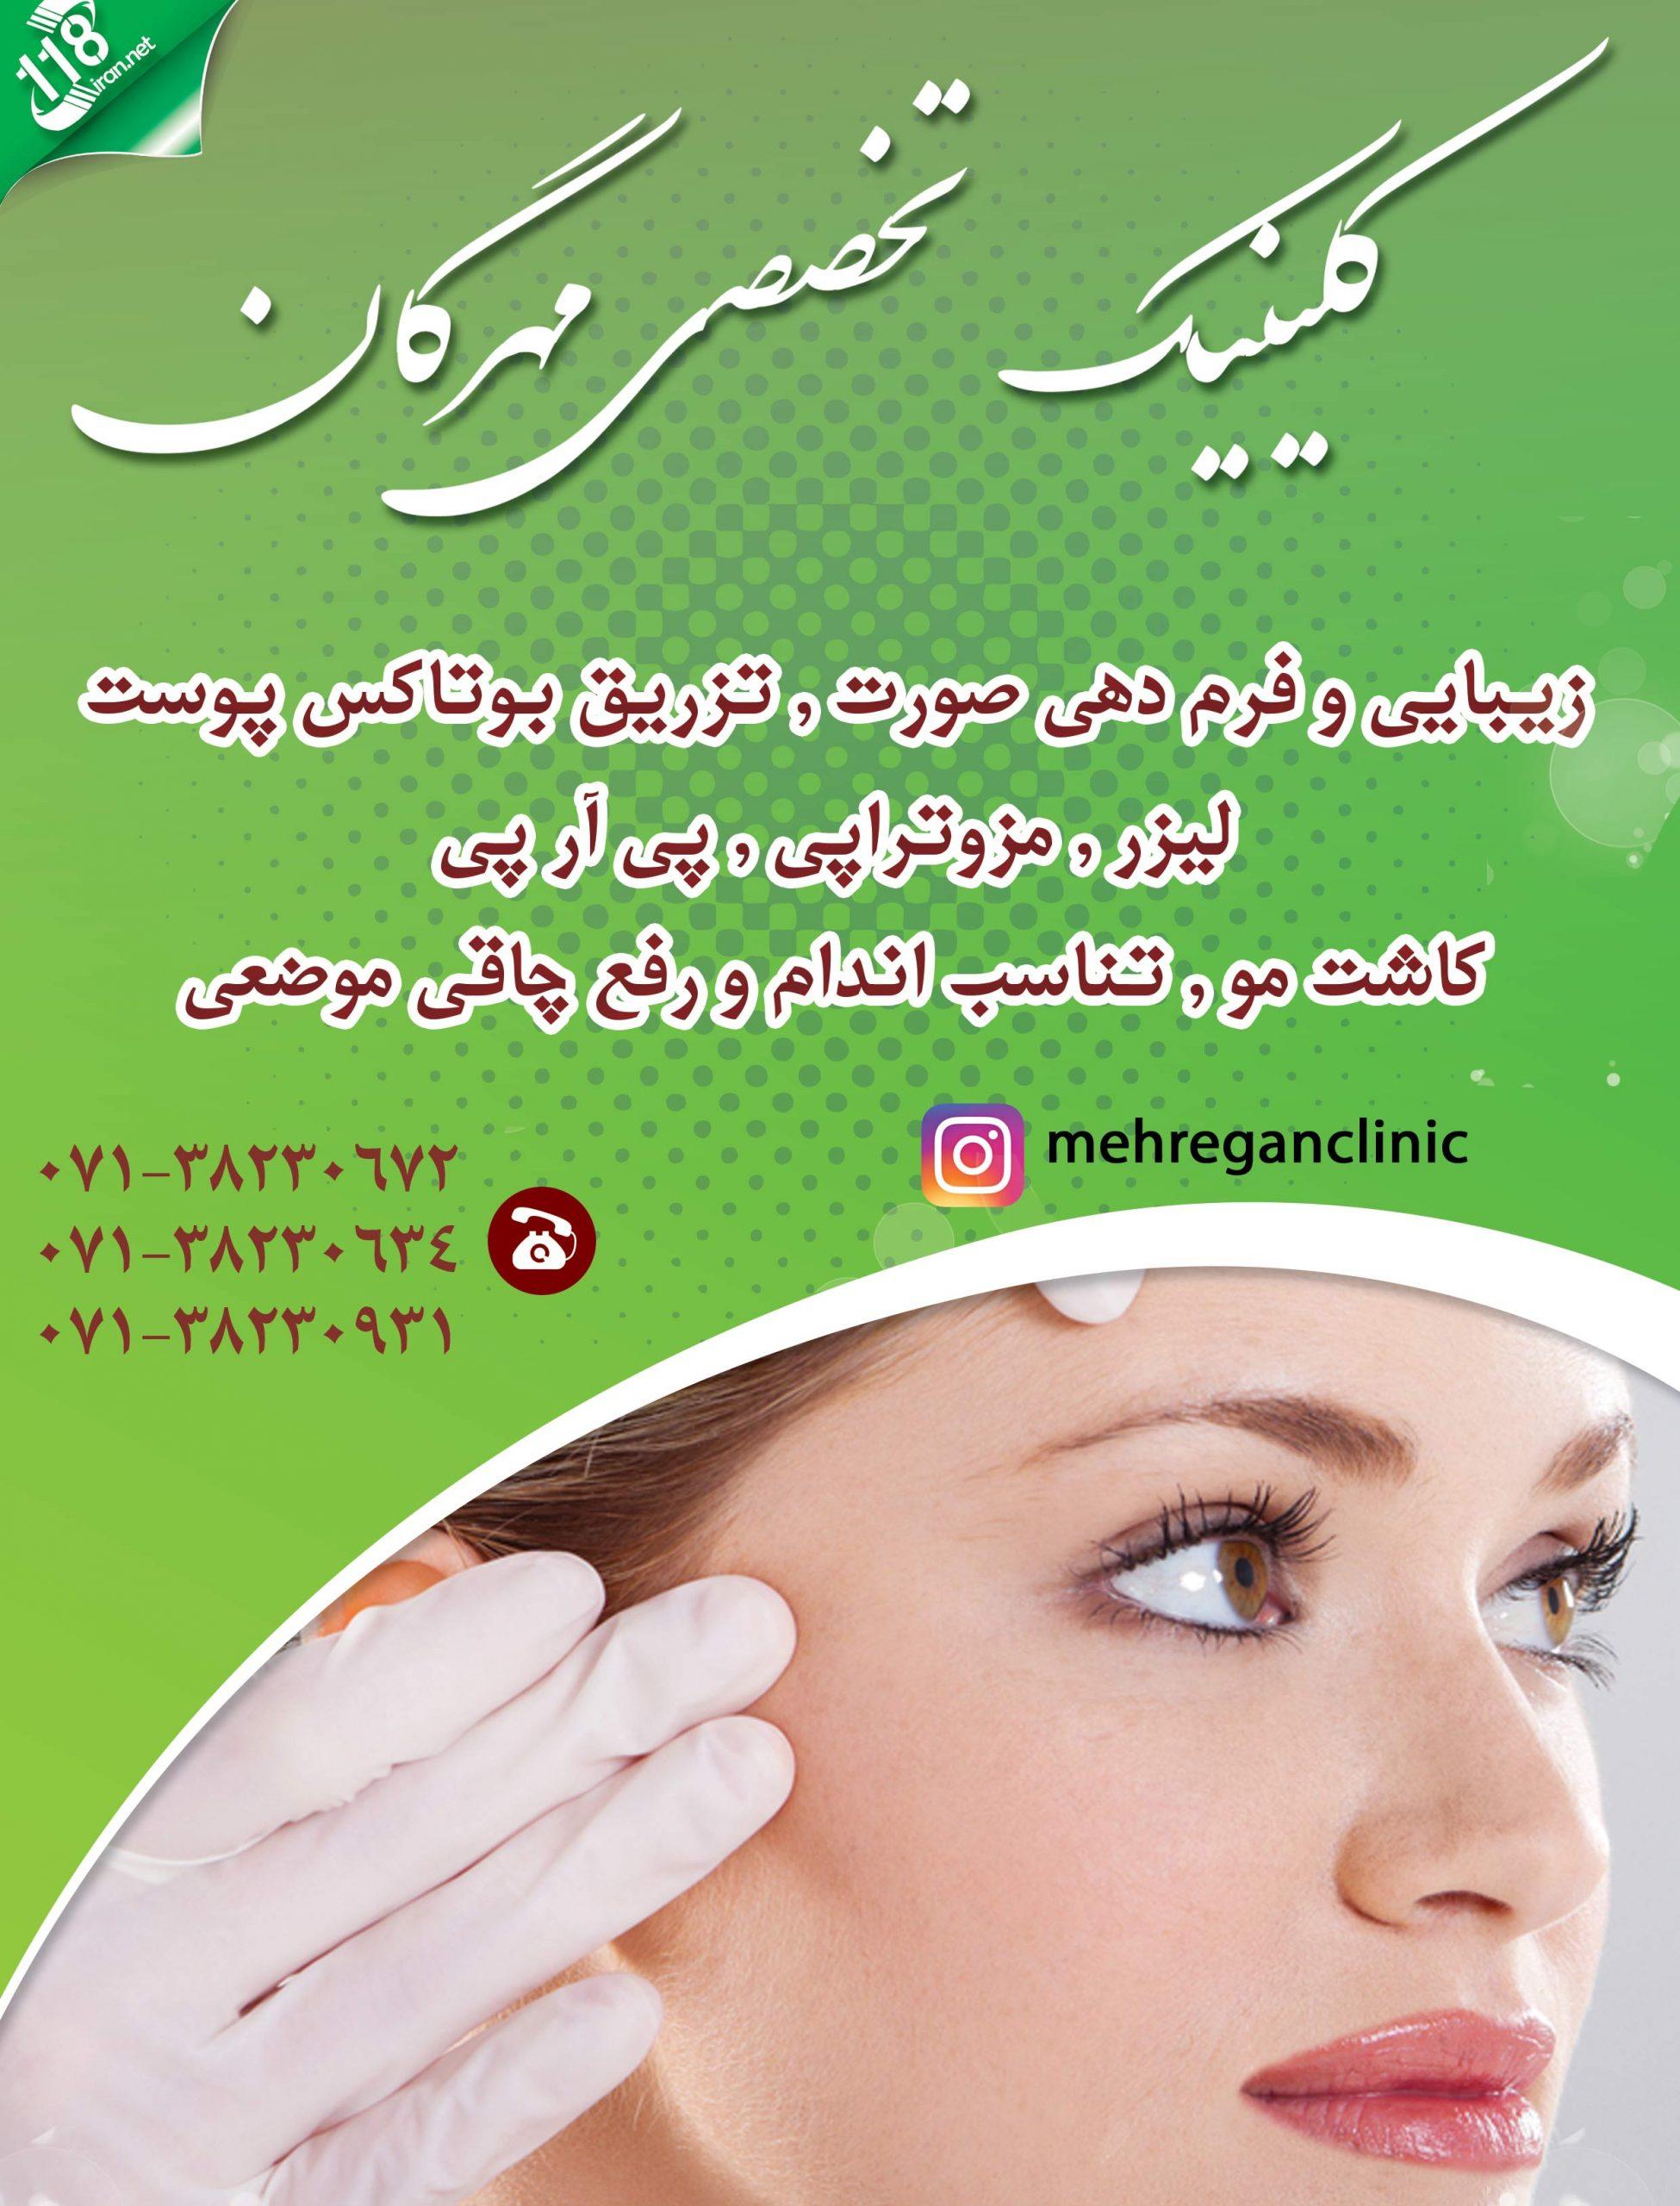 کلینیک تخصصی پوست و مو ولیزر مهرگان